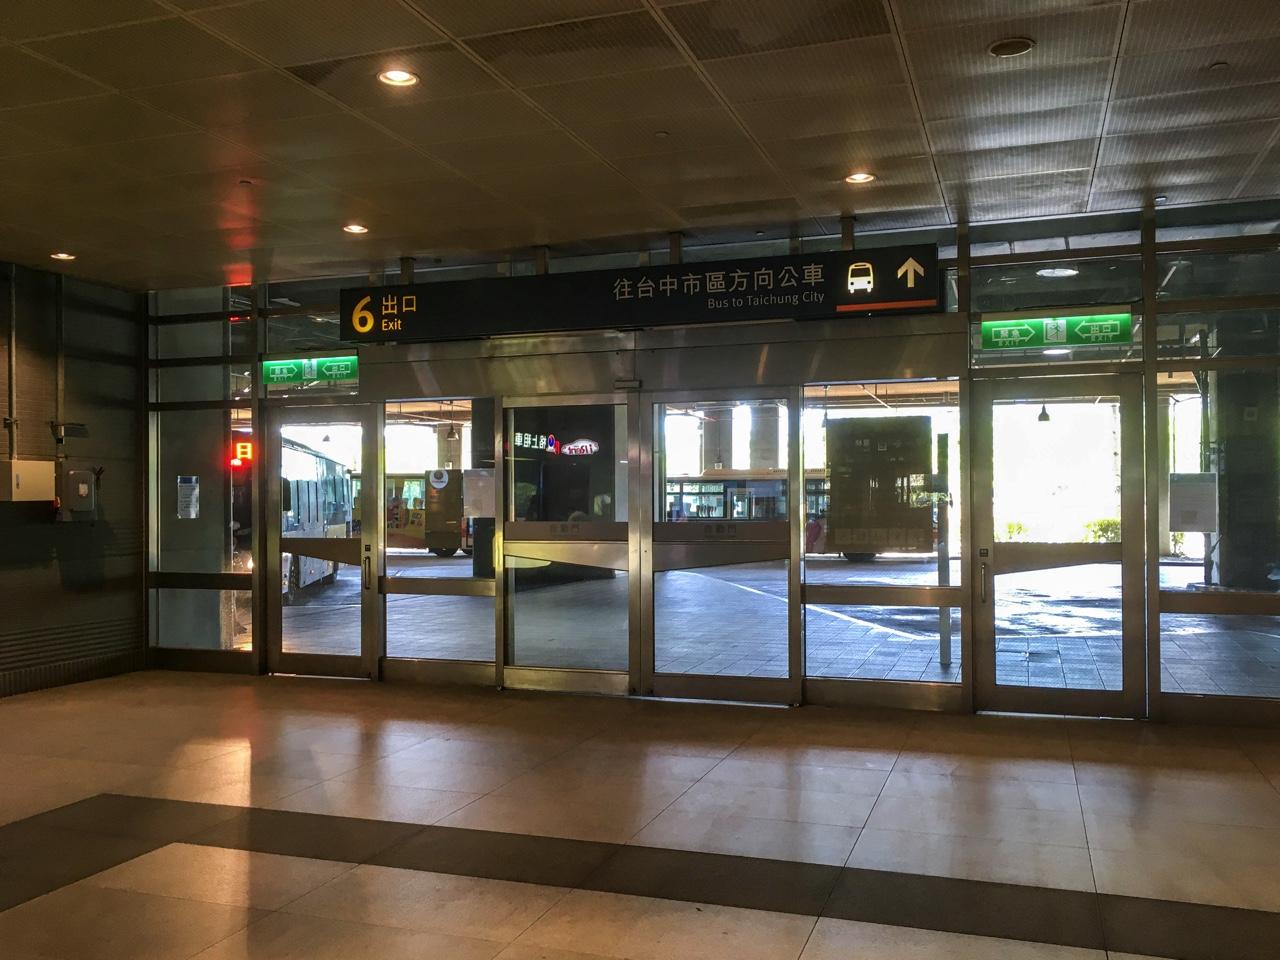 台中新幹線駅の6番出口